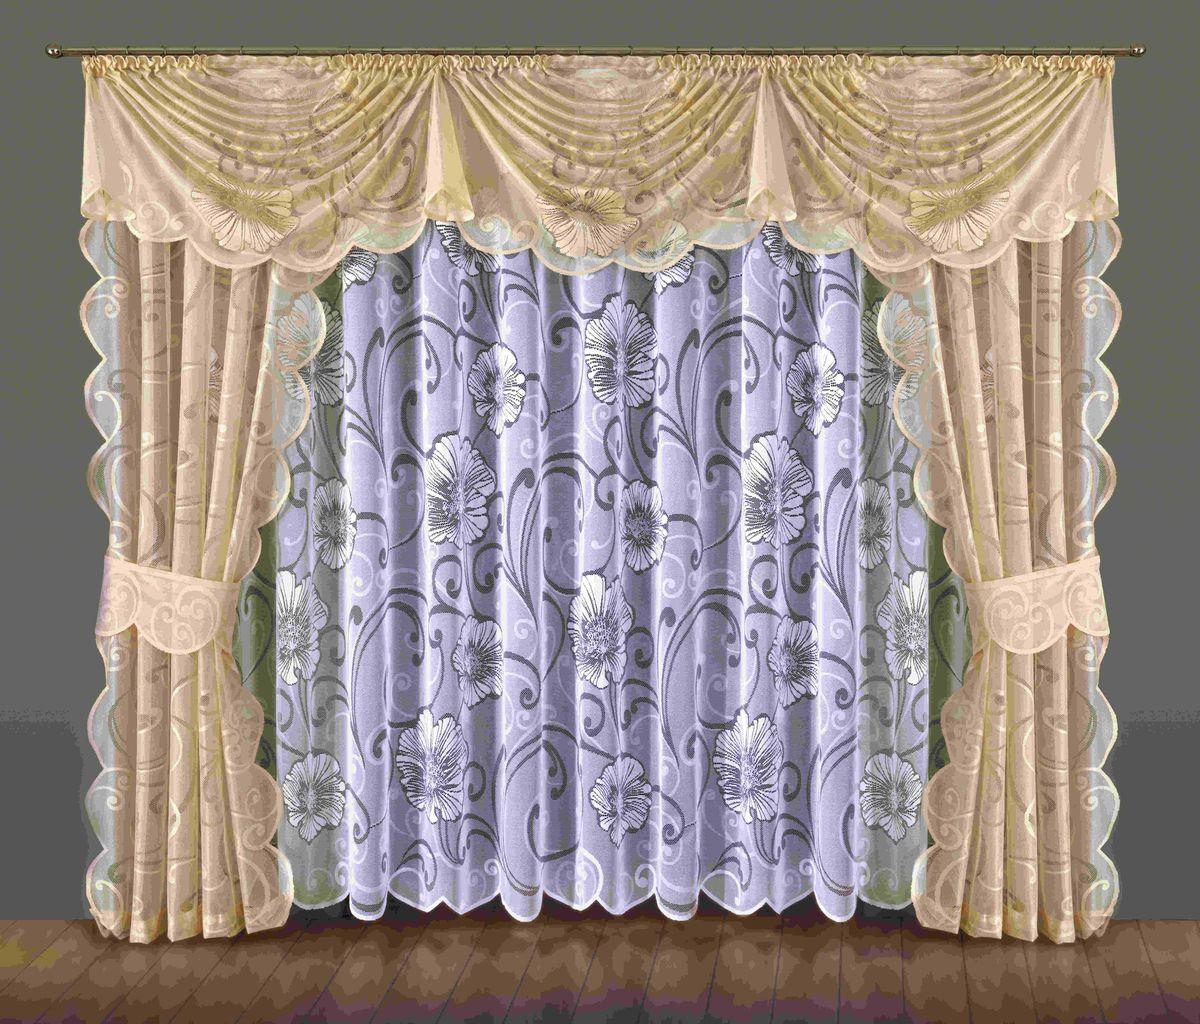 Комплект штор Wisan Bonita, на ленте, цвет: белый, бежевый, высота 250 см10503Комплект штор Wisan Bonita выполненный из полиэстера, великолепно украсит любое окно. В комплект входят 2 шторы, тюль, ламбрекен и 2 подхвата. Цветочный орнамент придает комплекту особый стиль и шарм. Тонкое плетение, нежная цветовая гамма и роскошное исполнение - все это делает шторы Wisan Bonita замечательным дополнением интерьера помещения.Комплект оснащен шторной лентой для красивой сборки. В комплект входит: Штора - 2 шт. Размер (ШхВ): 145 см х 250 см.Тюль - 1 шт. Размер (ШхВ): 400 см х 250 см. Ламбрекен - 1 шт. Размер (ШхВ): 360 см х 60 см. Подхват - 2 шт.Фирма Wisan на польском рынке существует уже более пятидесяти лет и является одной из лучших польских фабрик по производству штор и тканей. Ассортимент фирмы представлен готовыми комплектами штор для гостиной, детской, кухни, а также текстилем для кухни (скатерти, салфетки, дорожки, кухонные занавески). Модельный ряд отличает оригинальный дизайн, высокое качество. Ассортимент продукции постоянно пополняется.